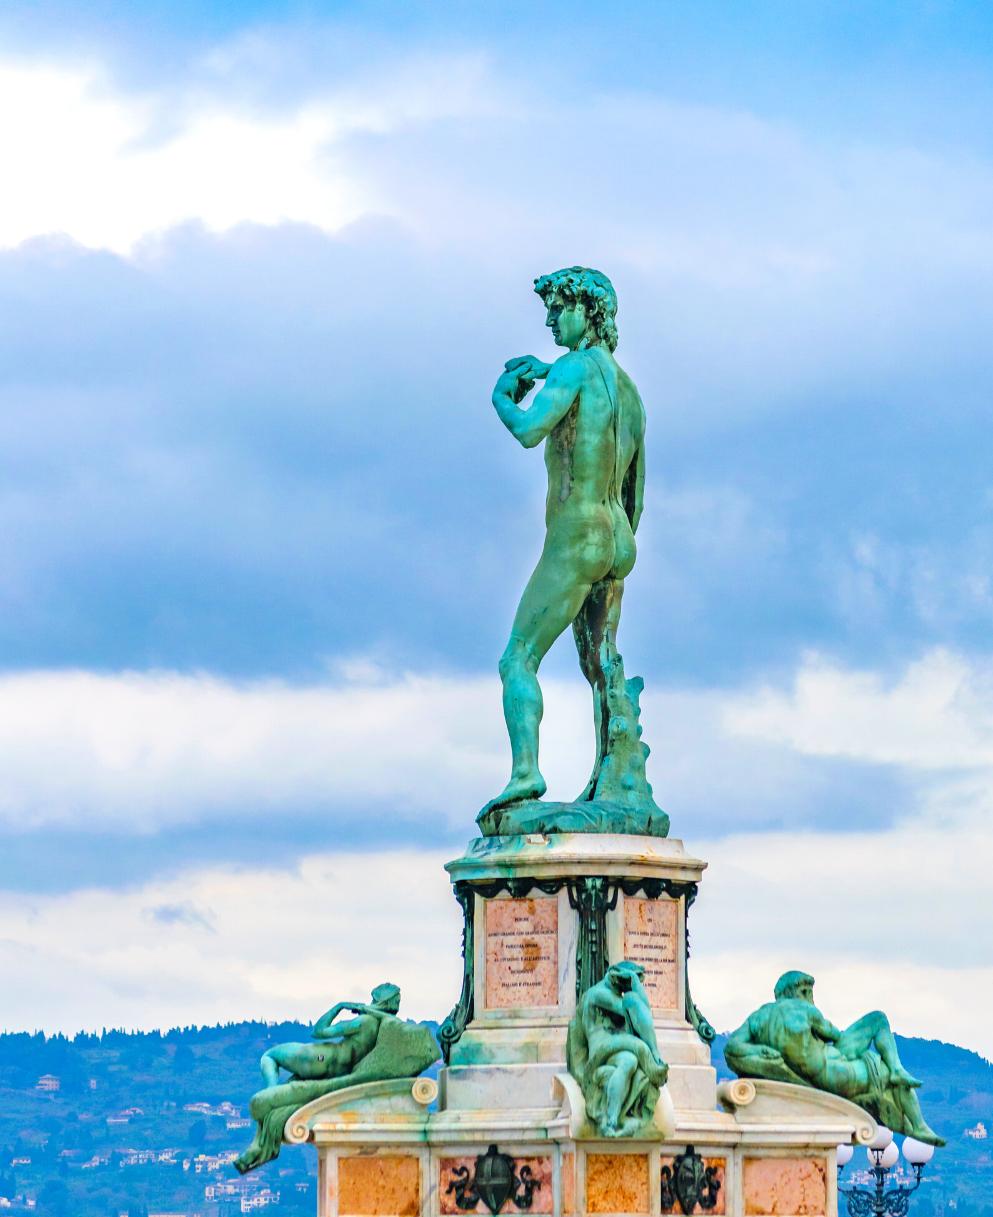 copy of Michelangelo's David in Piazzale Michelangelo